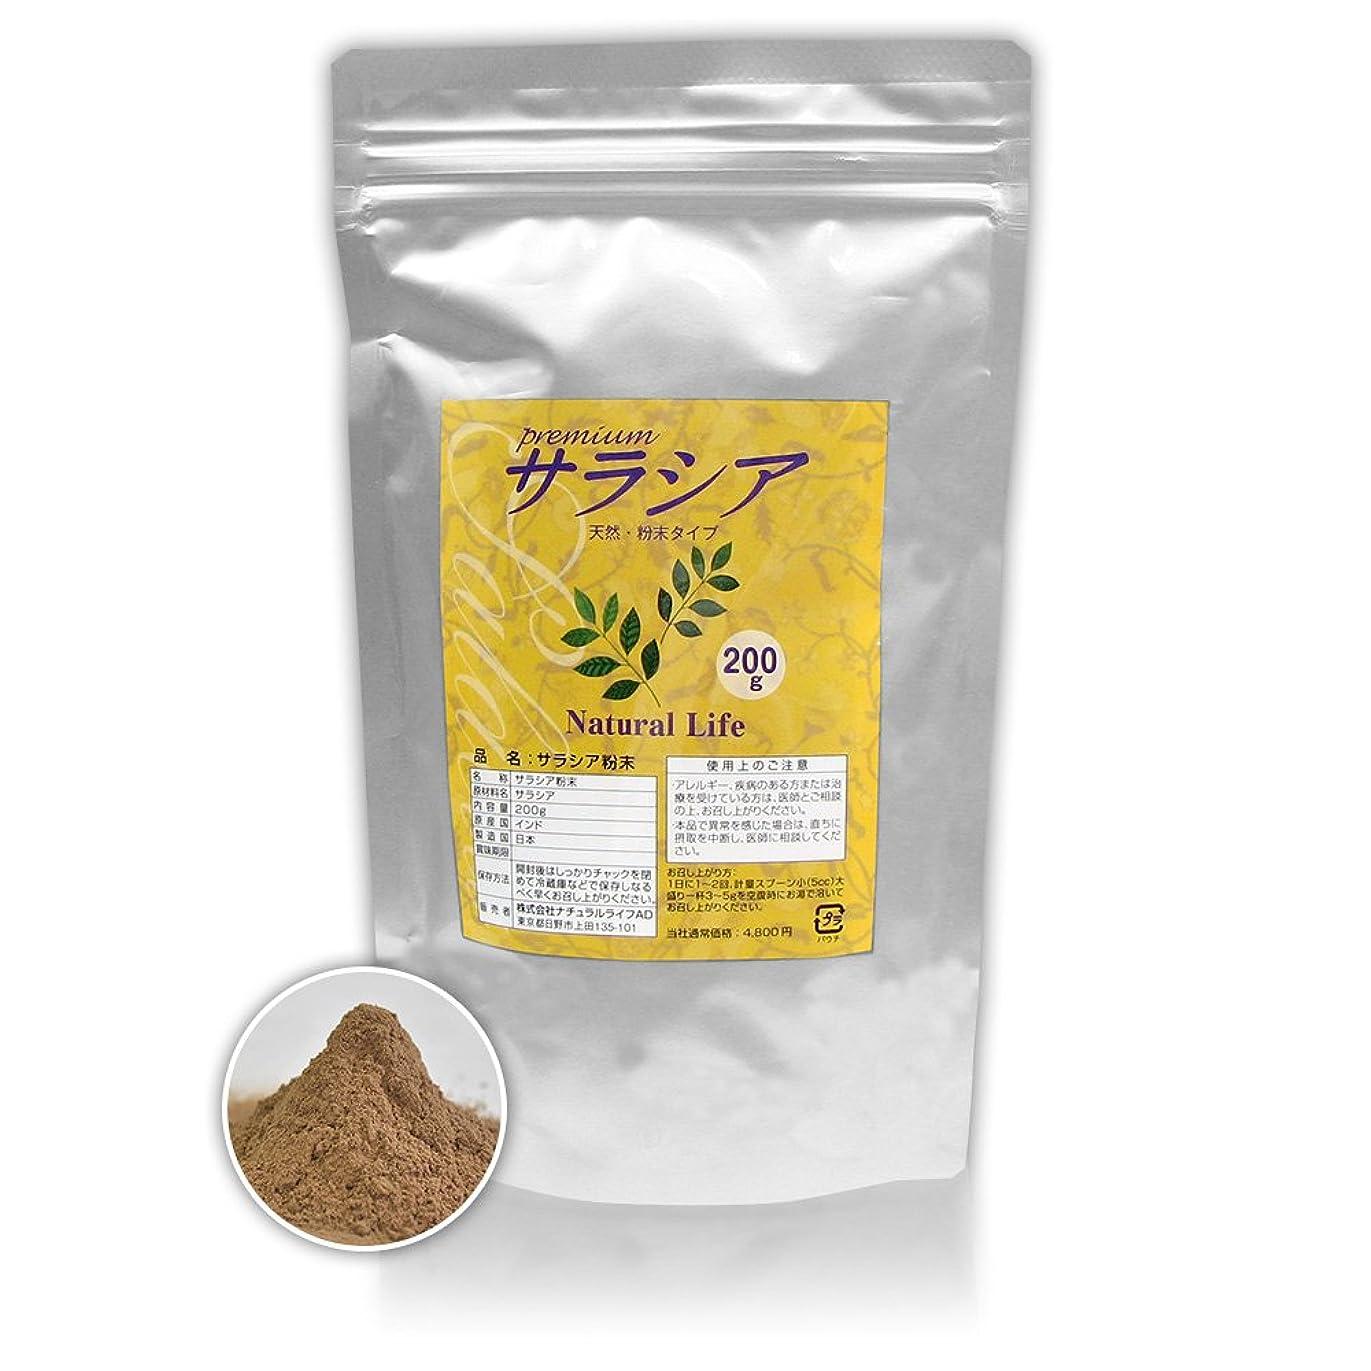 迷路ルーベリーサラシア粉末[200g]天然ピュア原料(無添加)健康食品(さらしあ,レティキュラータ)